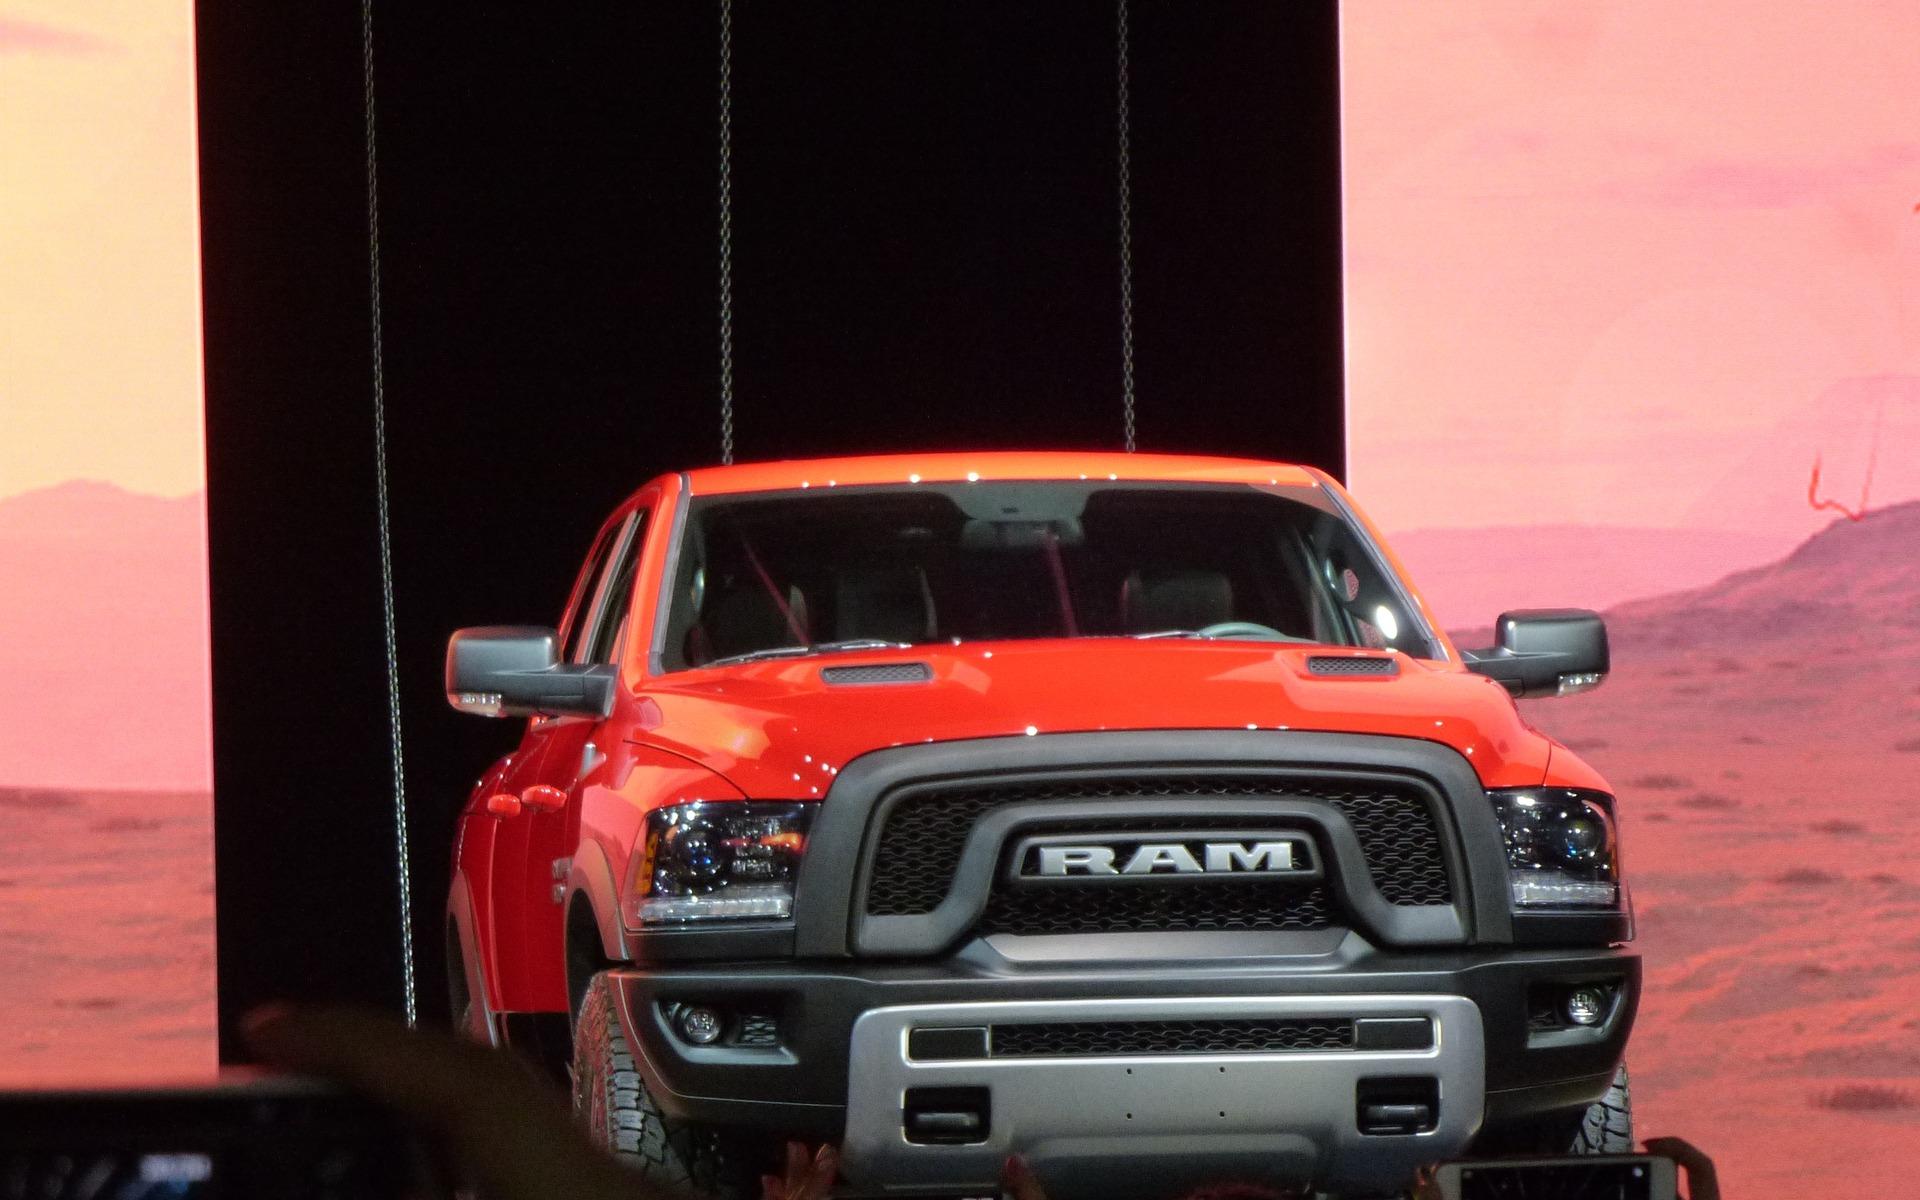 Ram 1500 Rebel >> RAM Rebel: A Ford Raptor Lookalike - 2/9